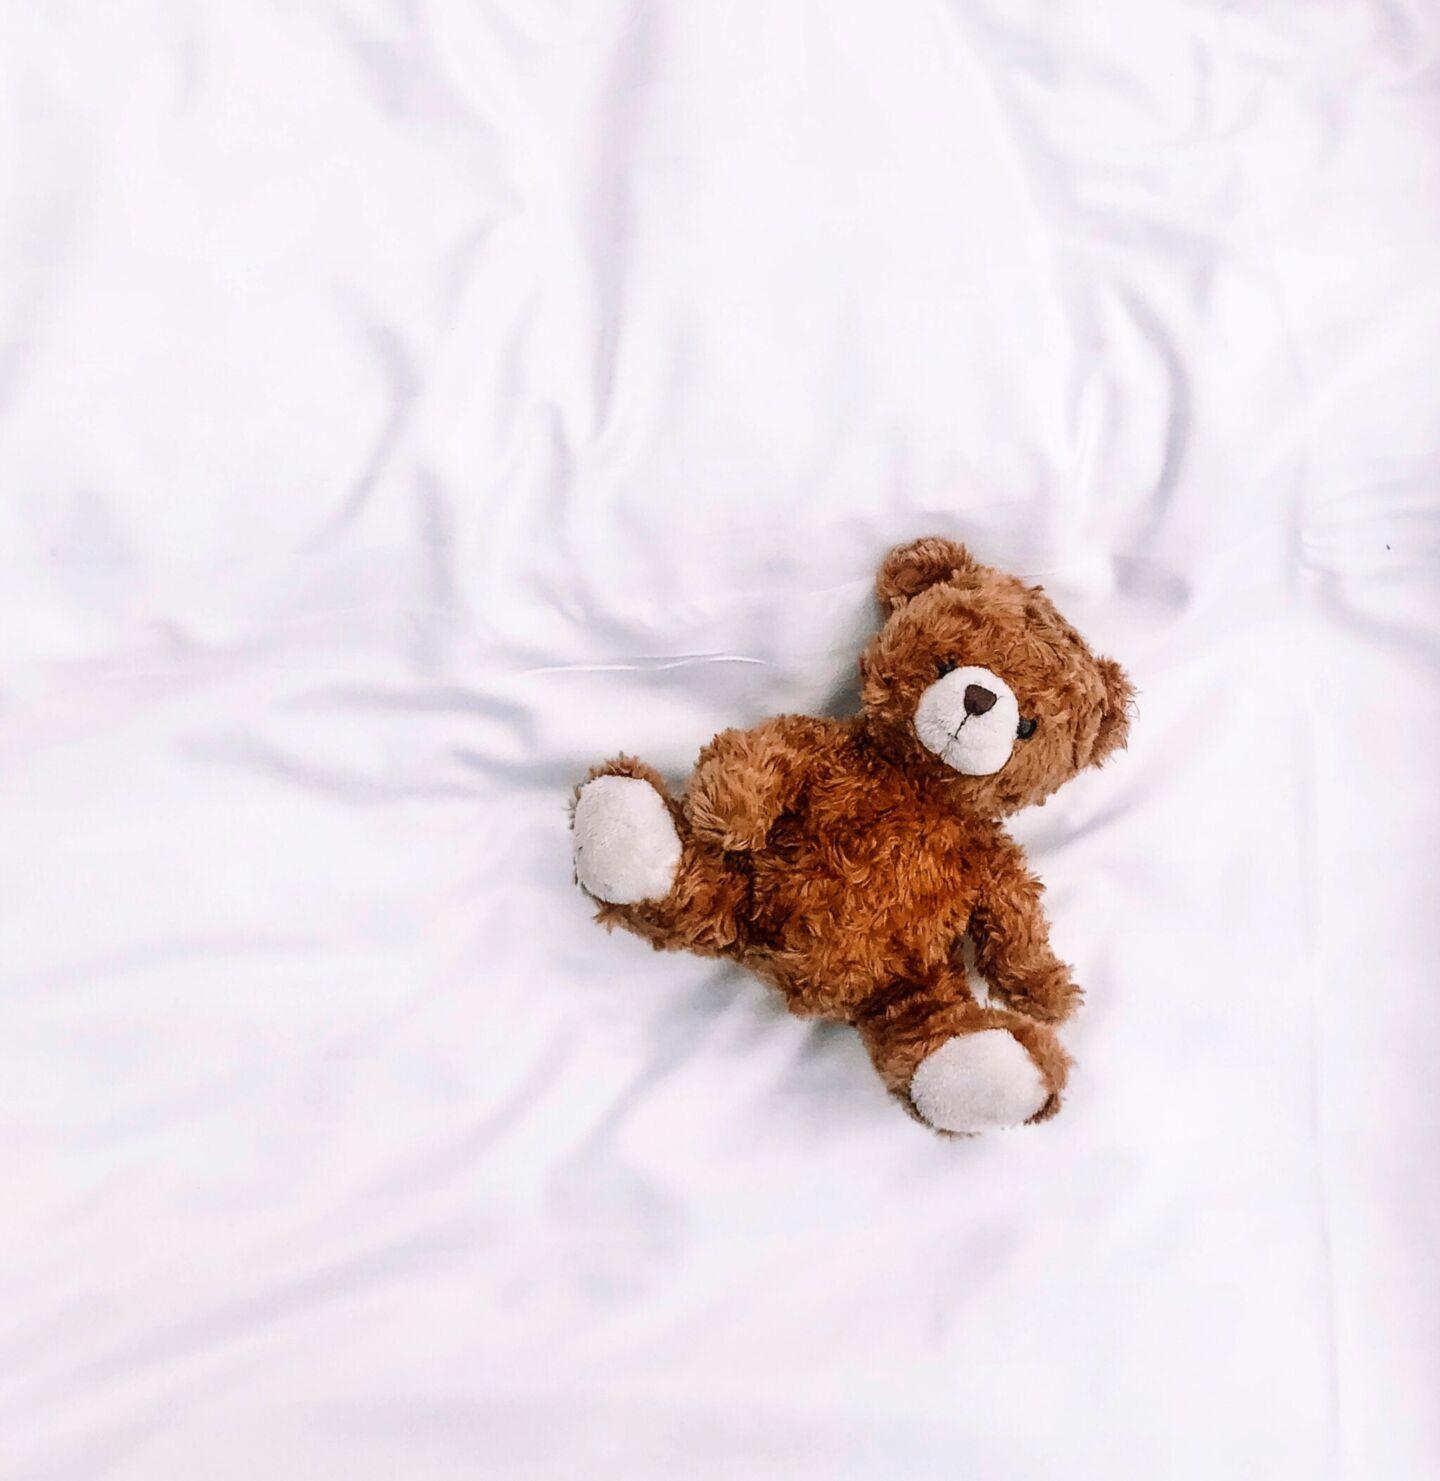 Teddy Express